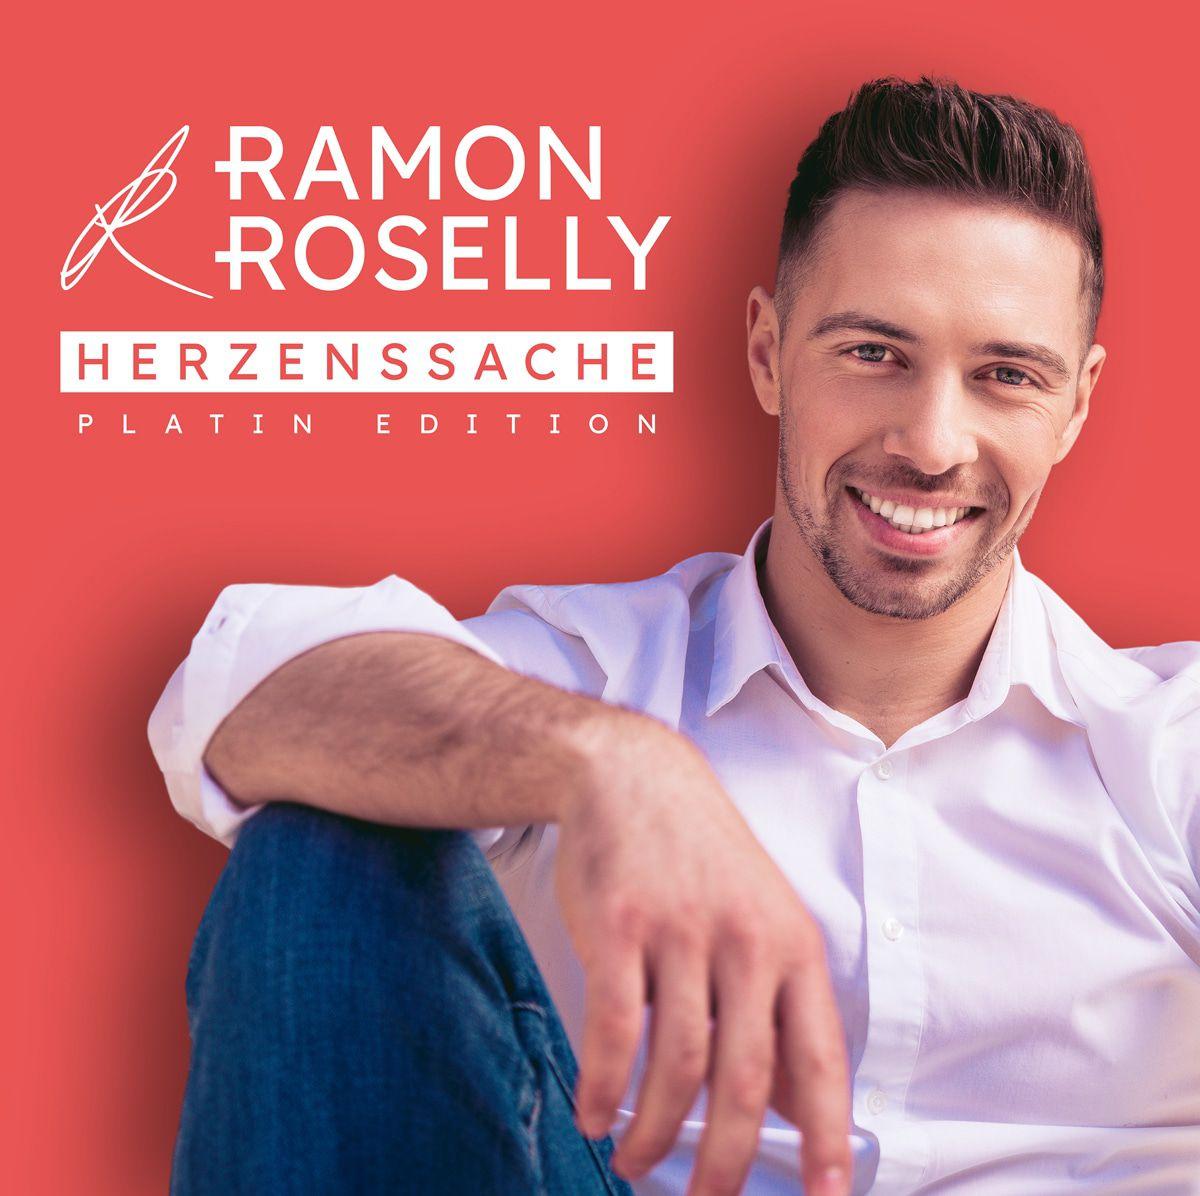 Ramon Roselly: Das neue Album ist da - und wir verlosen es!